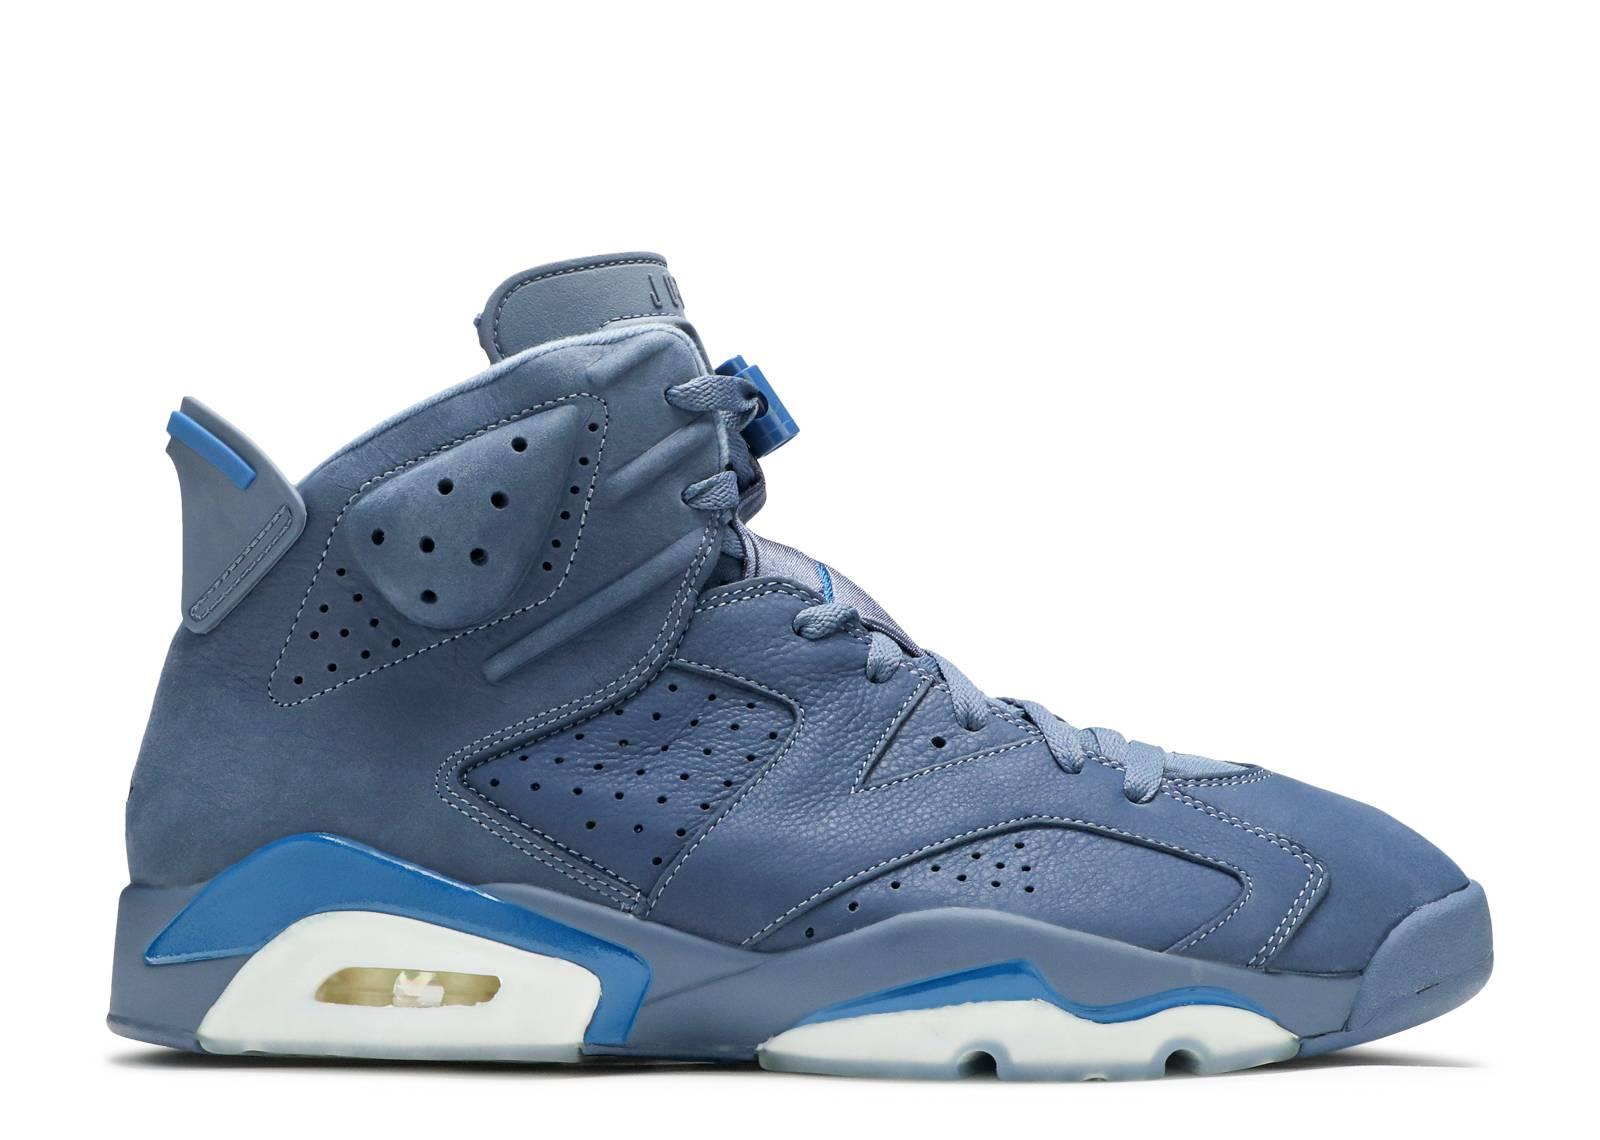 Air Jordan 6 Retro 'Diffused Blue'